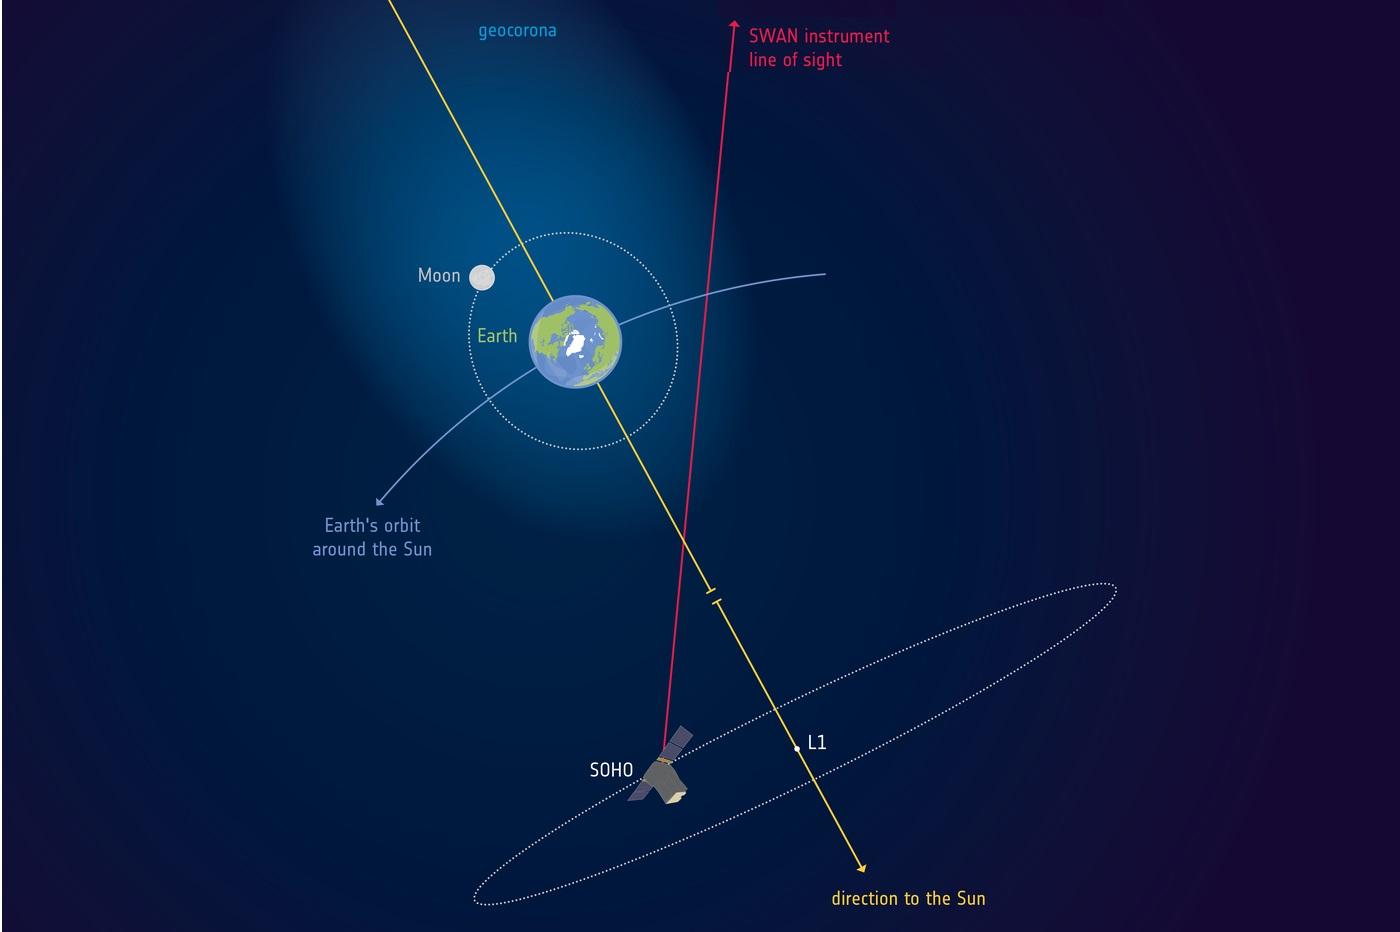 La géocouronne de la Terre observée par Soho et l'instrument Swan (l'illustration n'est pas à l'échelle). © ESA